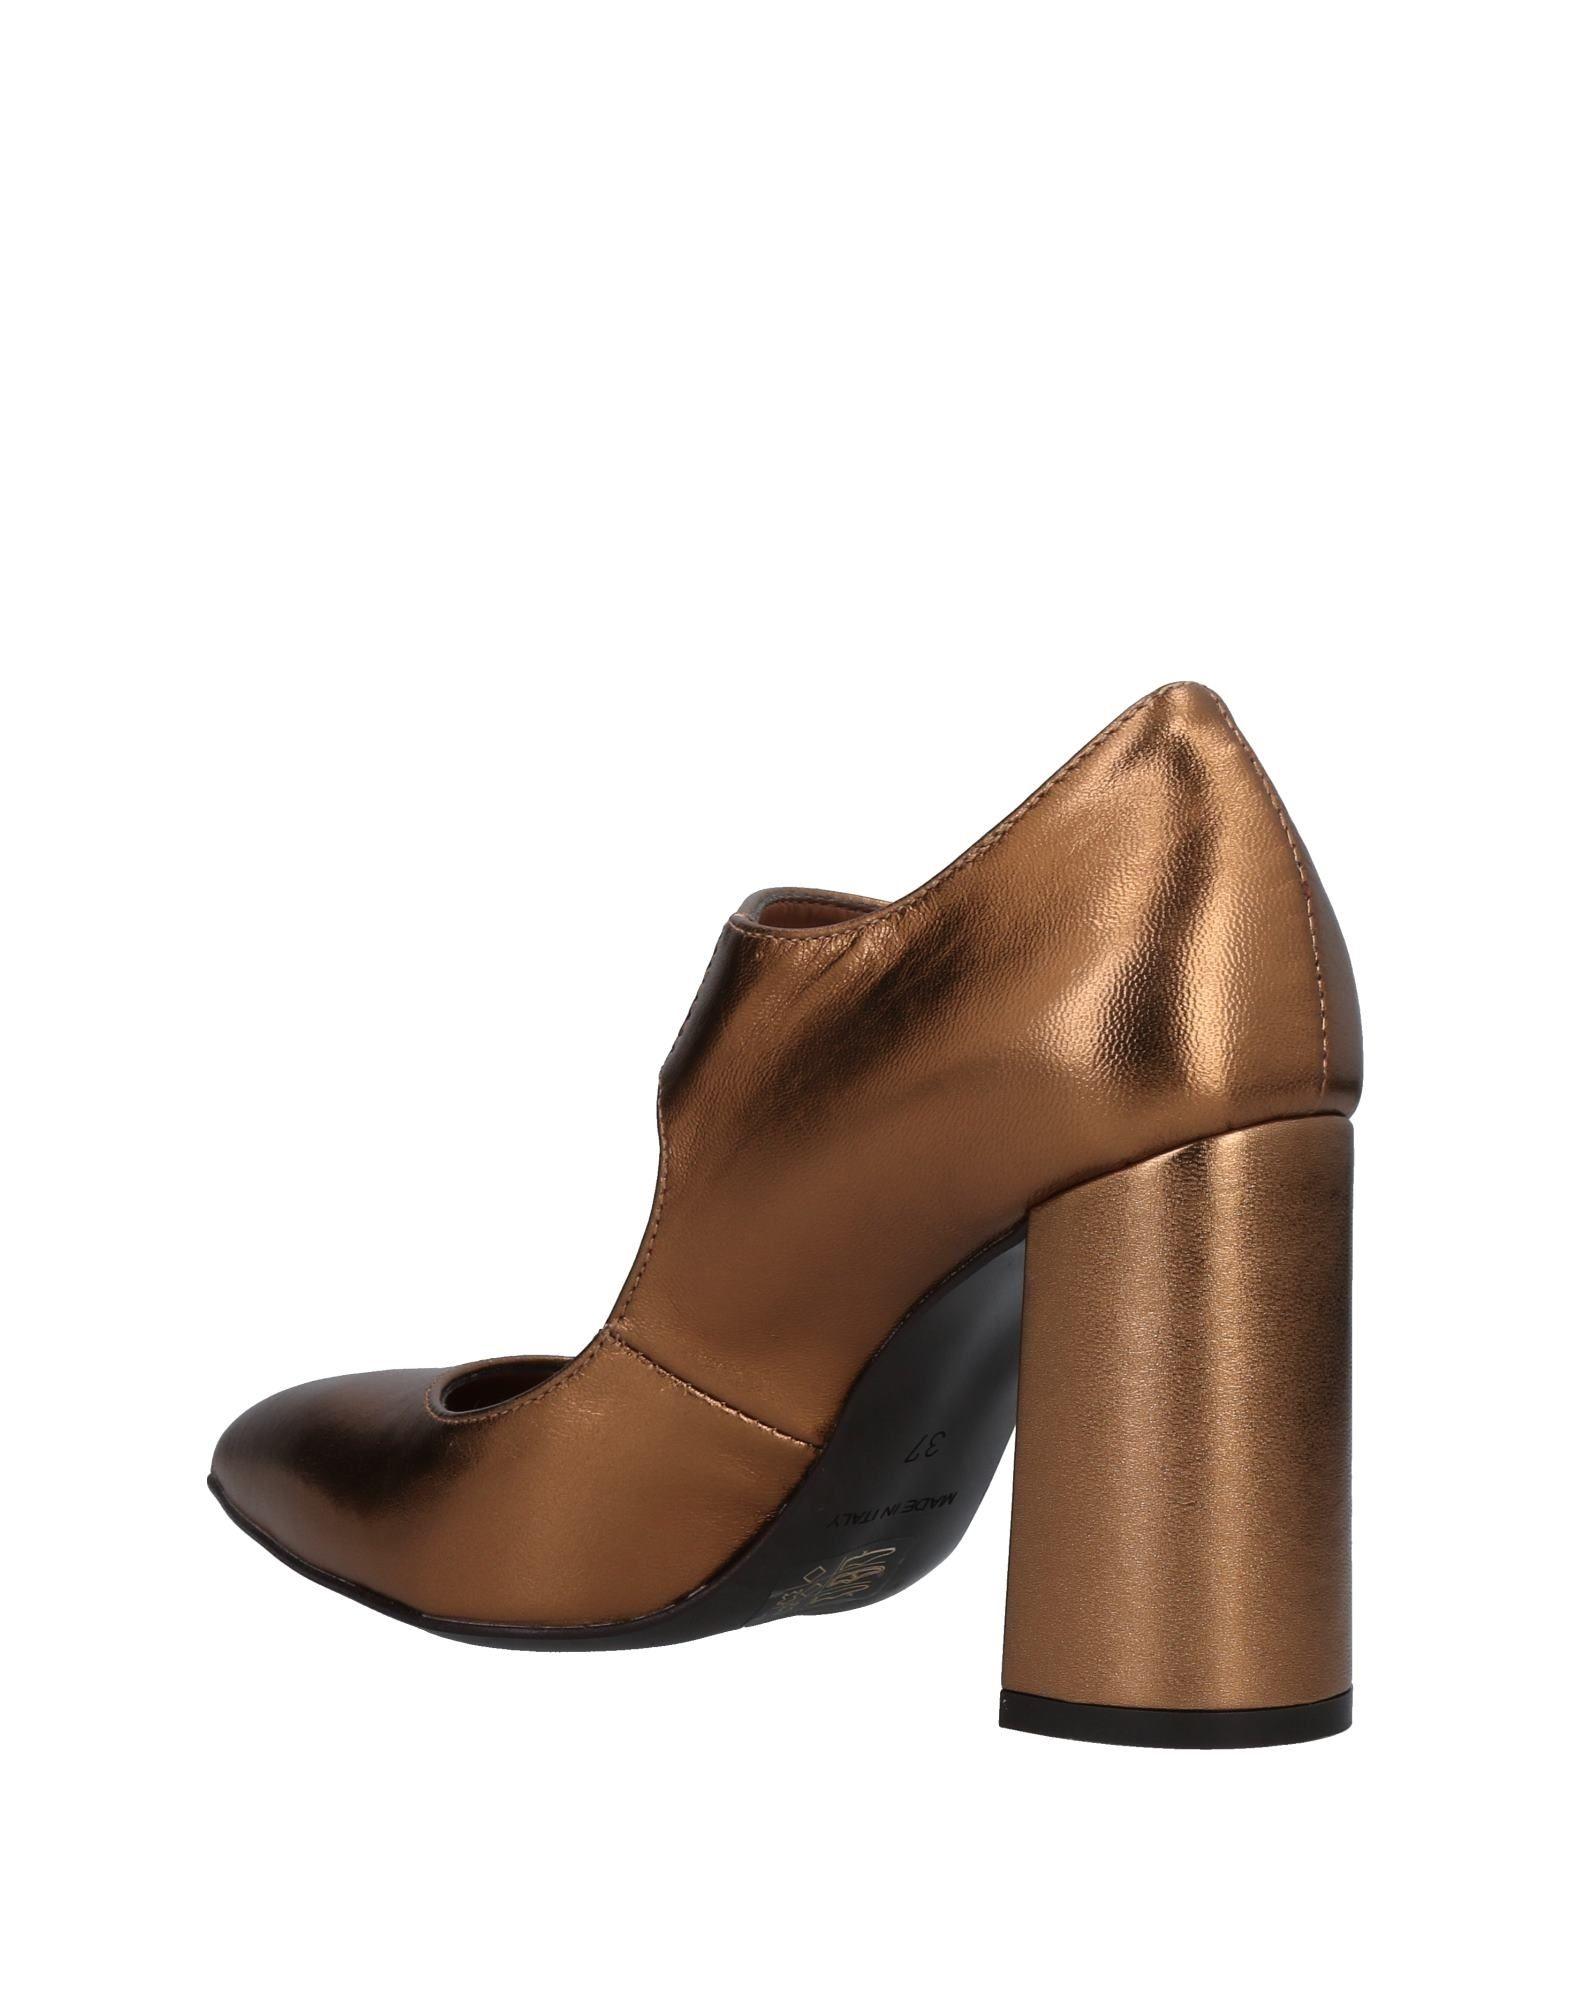 Formentini Pumps Damen   Damen 11479042PF Heiße Schuhe 372a22